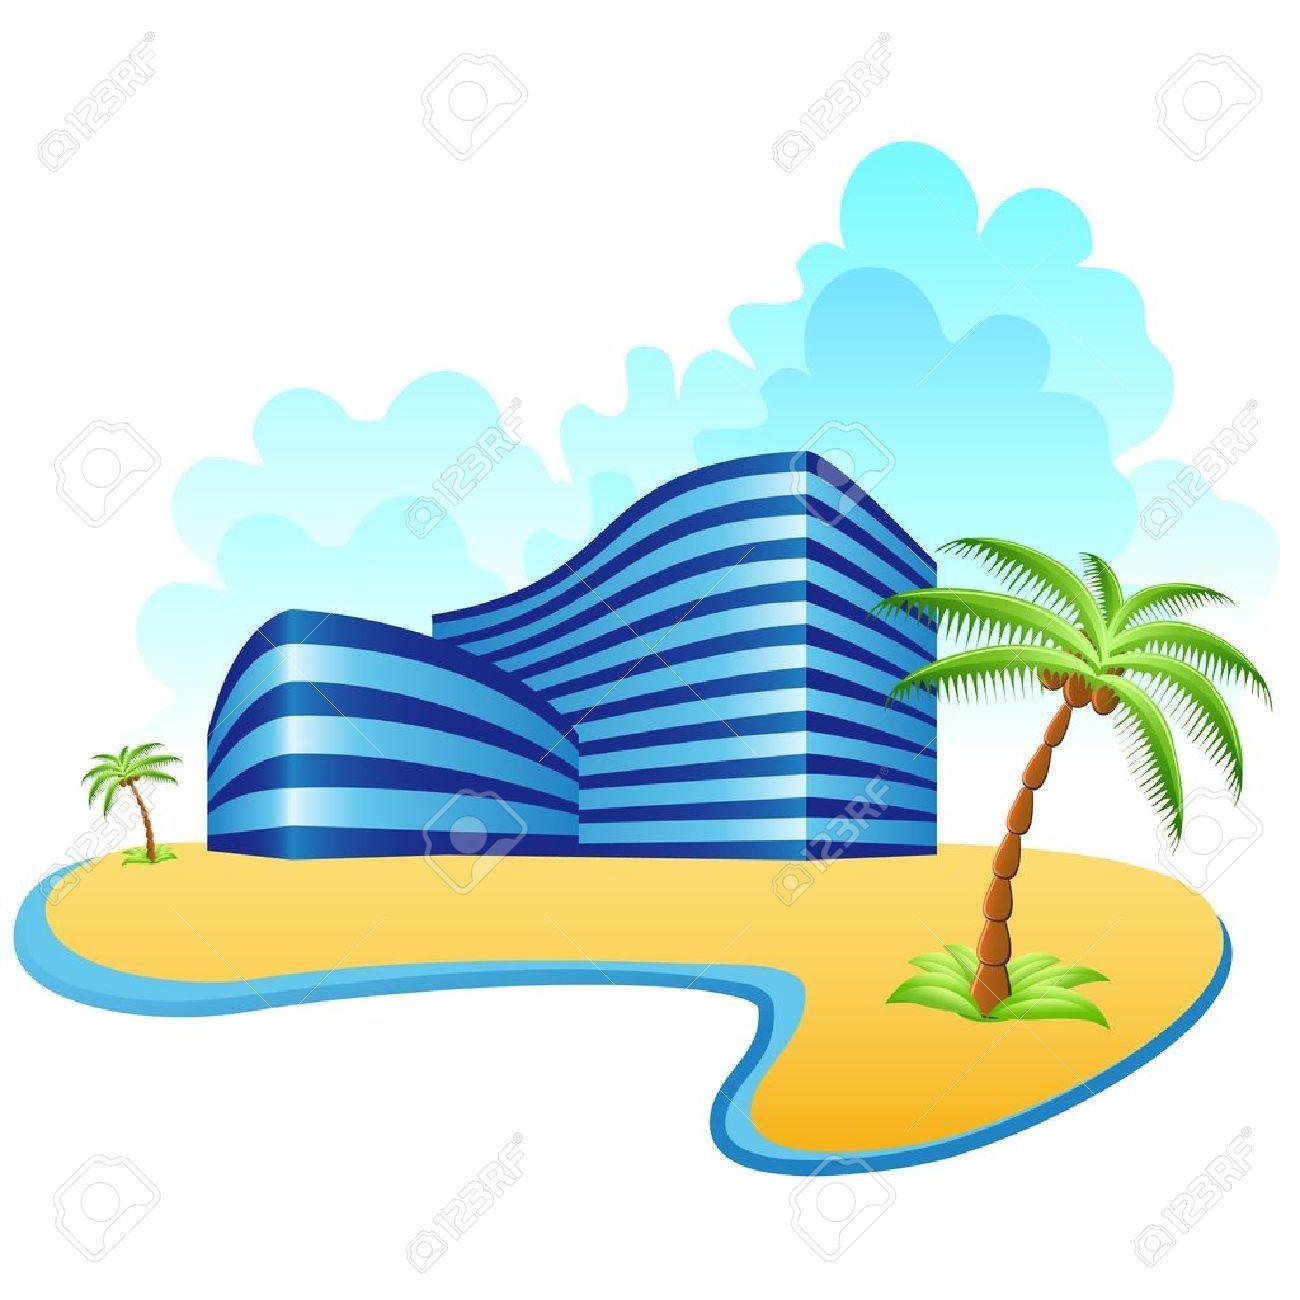 Resort clipart 8 » Clipart Portal.